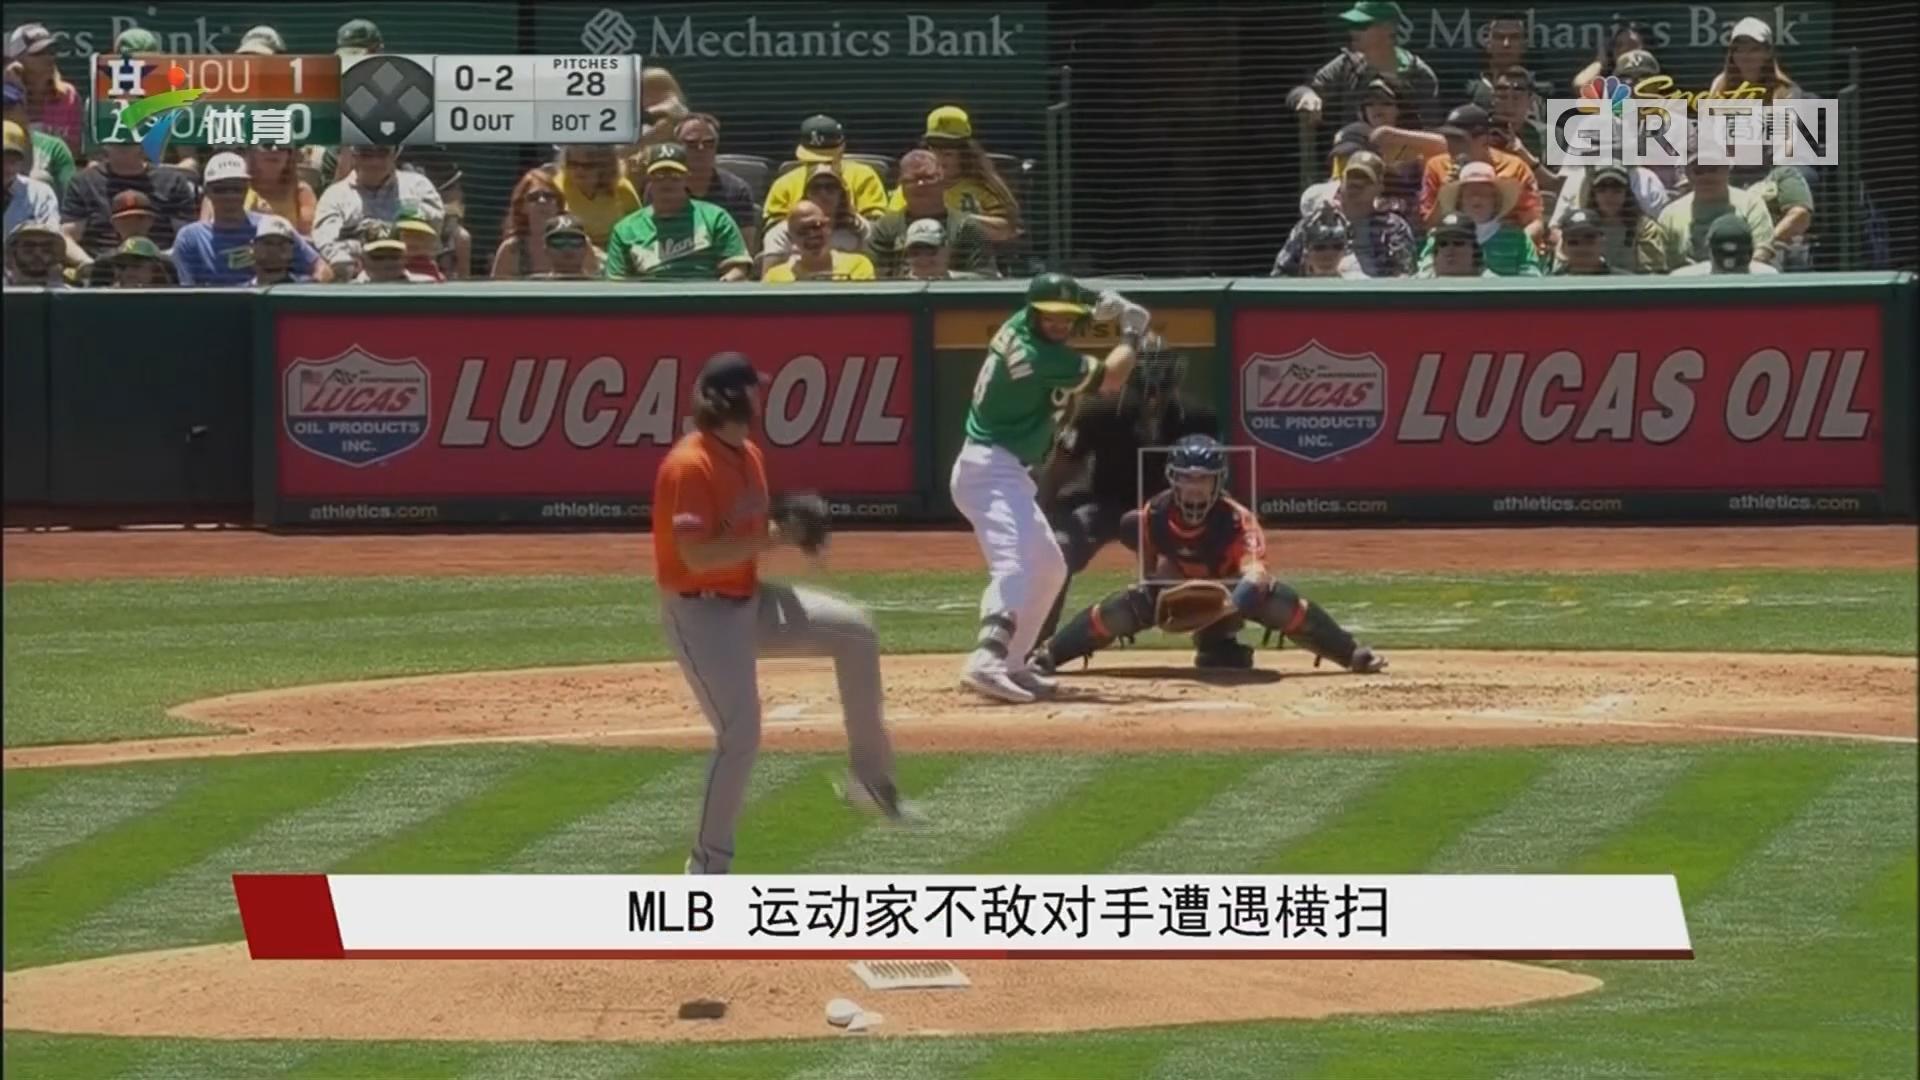 MLB 运动家不敌对手遭遇横扫